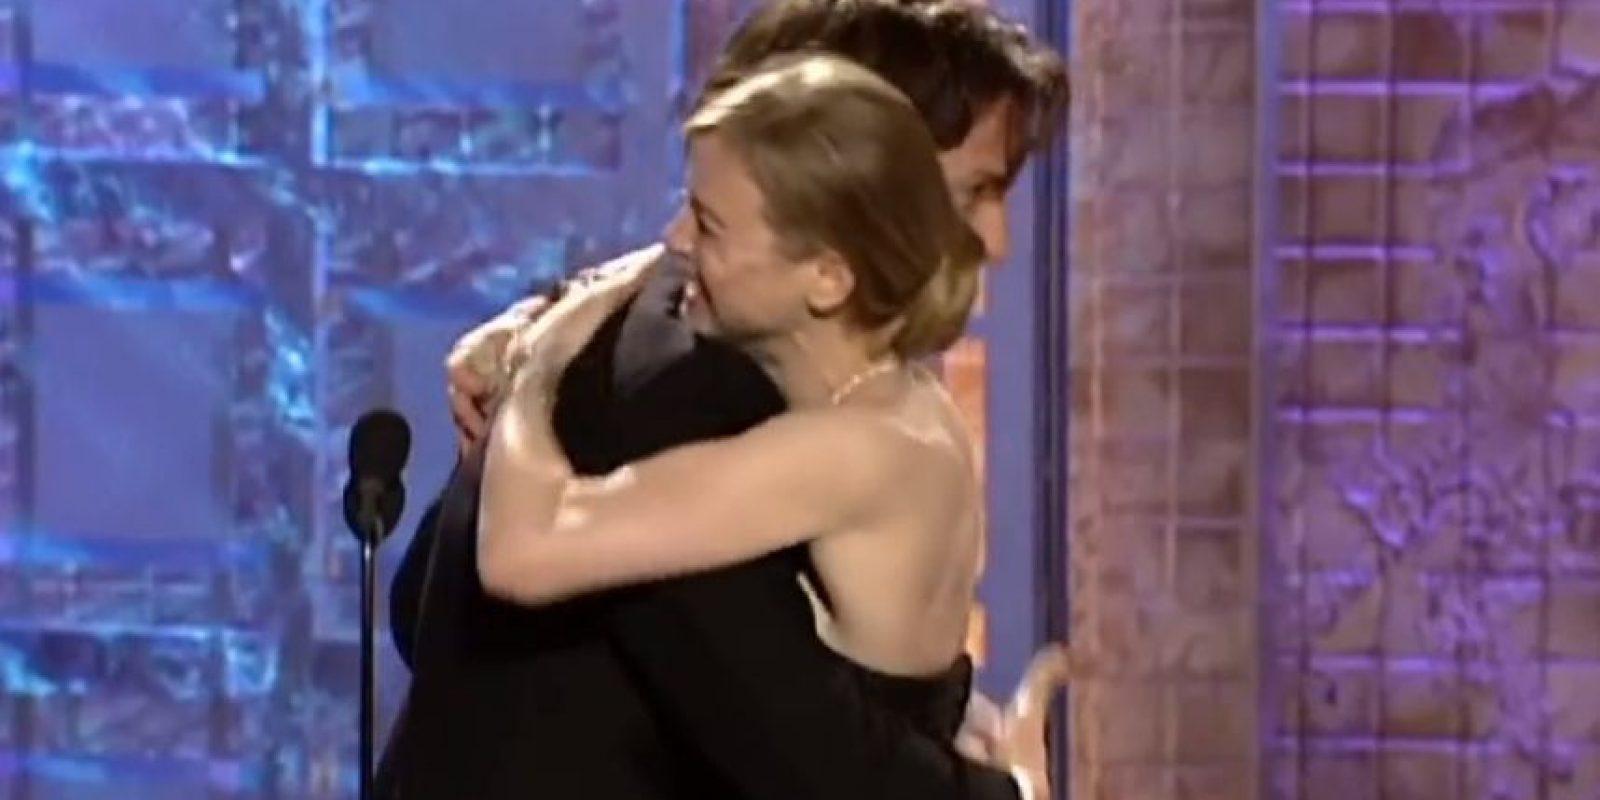 Pero ella estaba en el baño. No creía que fuese a ganar. Foto:NBC